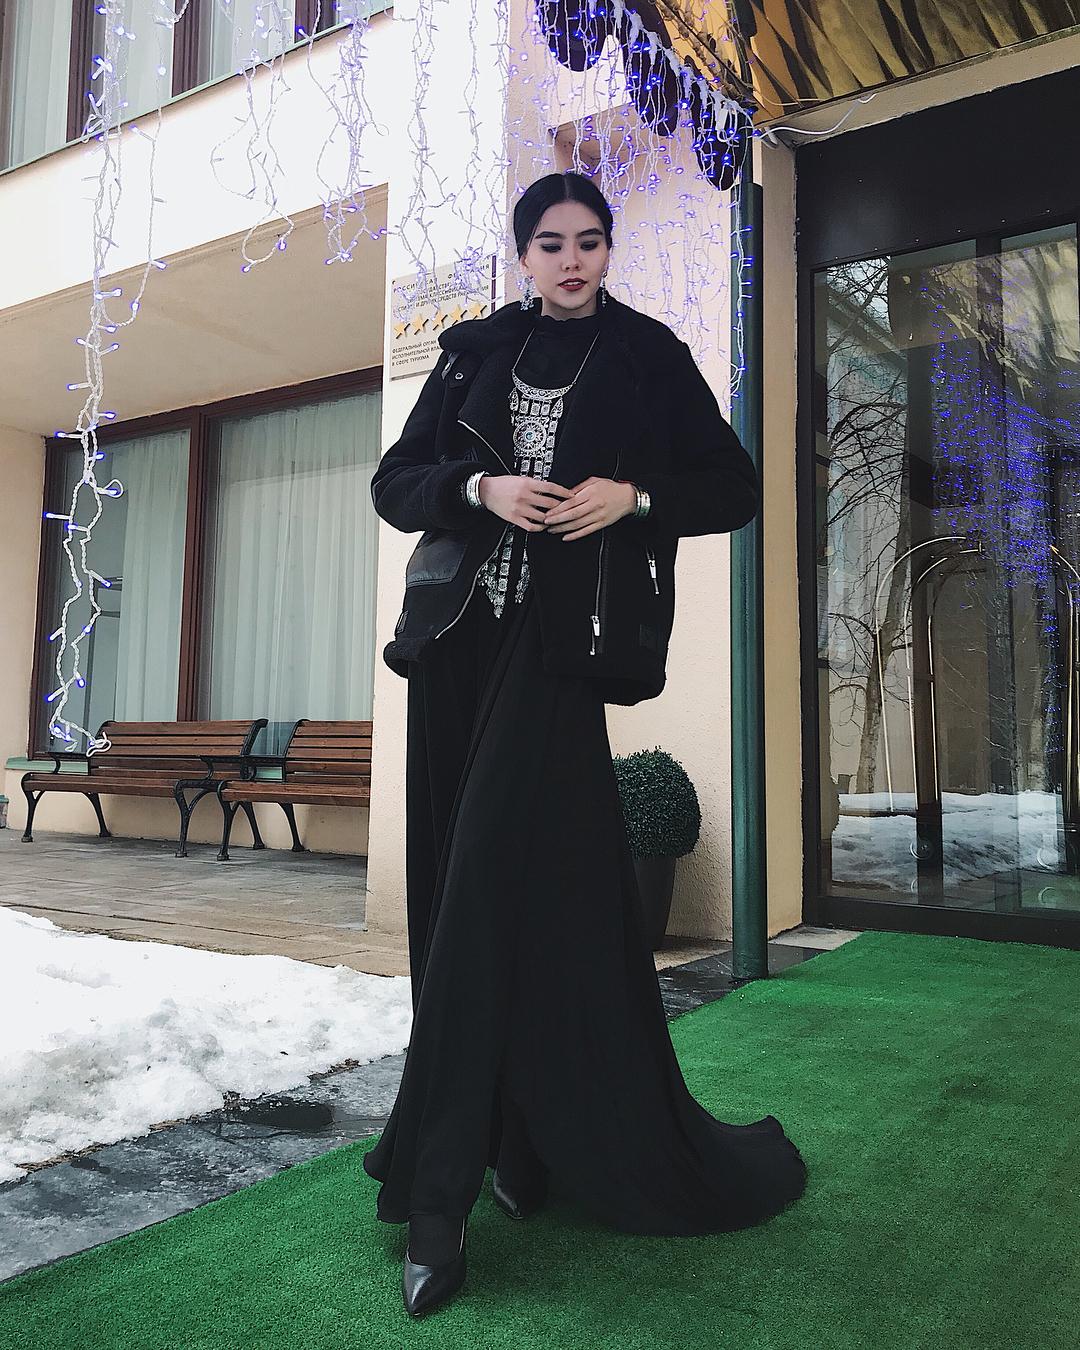 29402197_2147873545222866_6131250129266540544_n Участница конкурса красоты «Мисс Россия» из Якутии представила национальный костюм